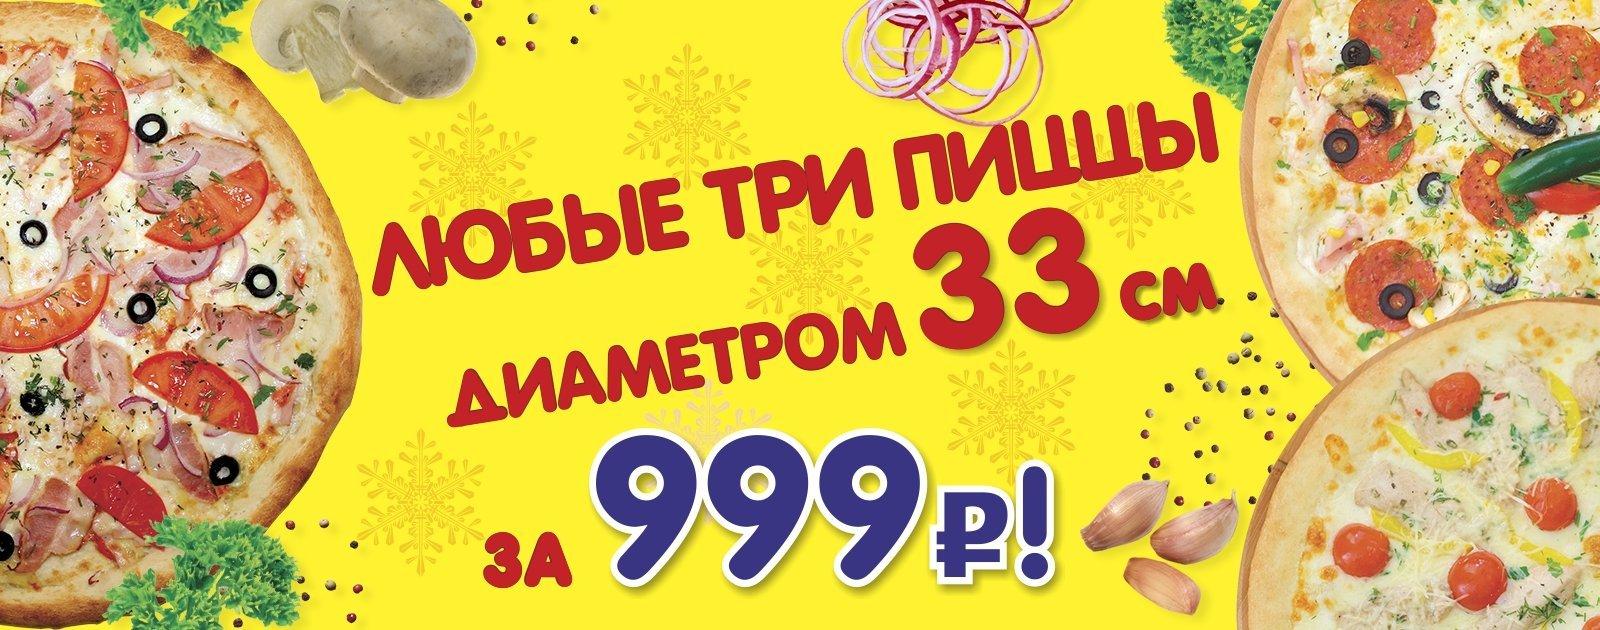 Любые 3 пиццы диаметром 33 см. за 999 рублей!